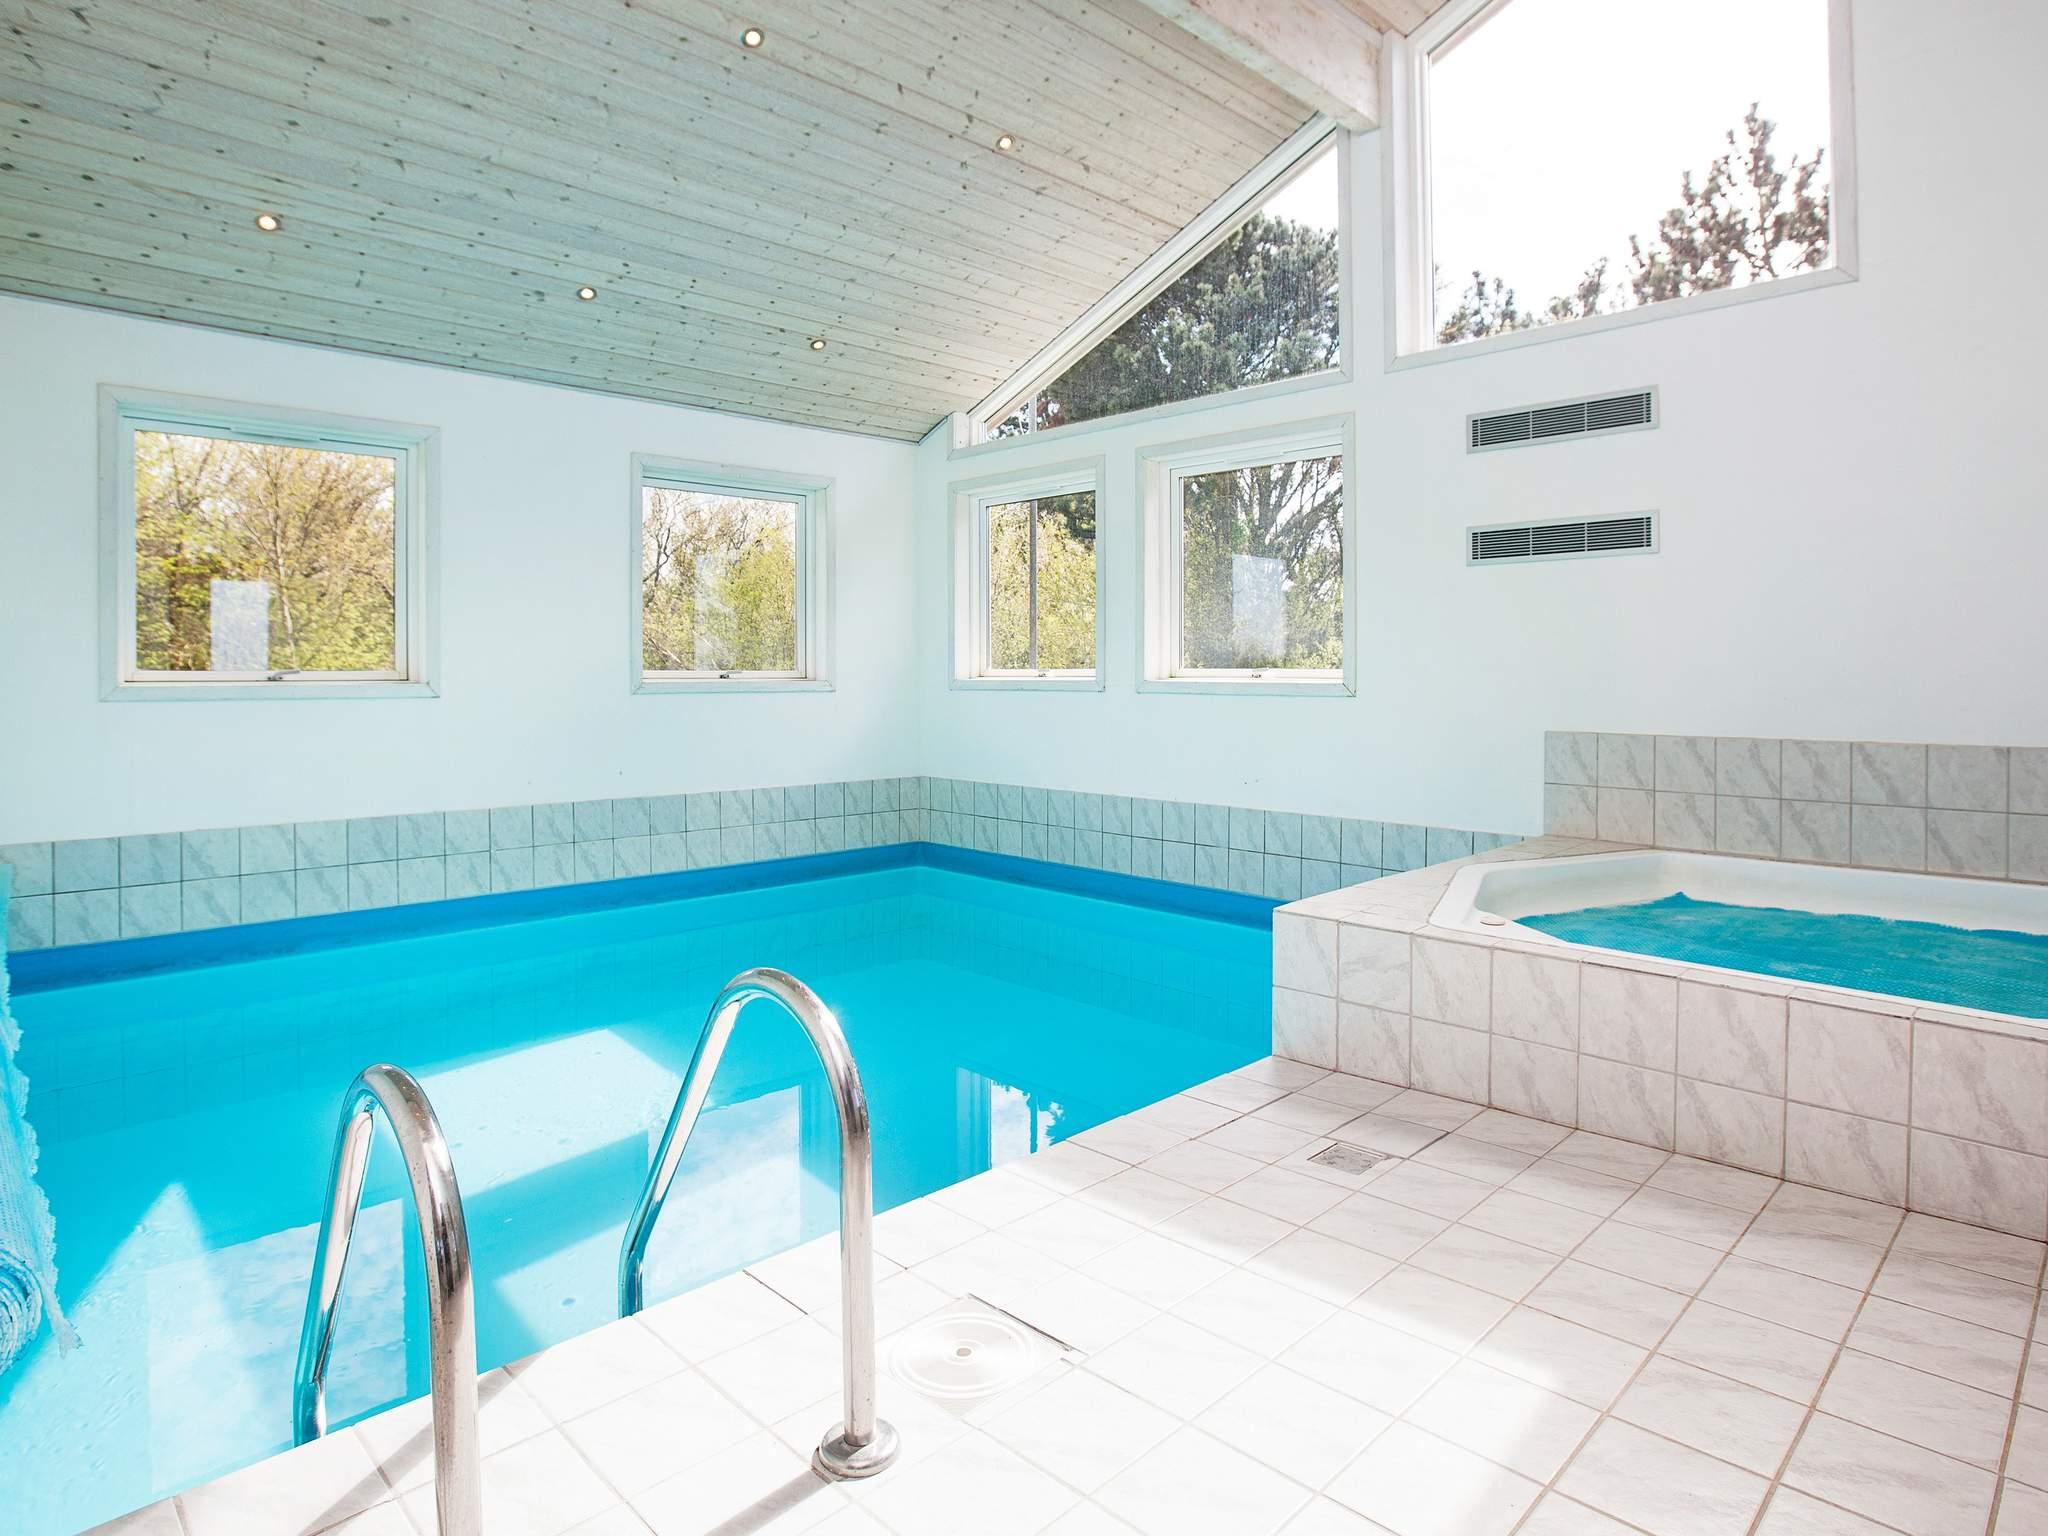 Ferienhaus Veddinge Bakker (2355598), Veddinge, , Westseeland, Dänemark, Bild 22